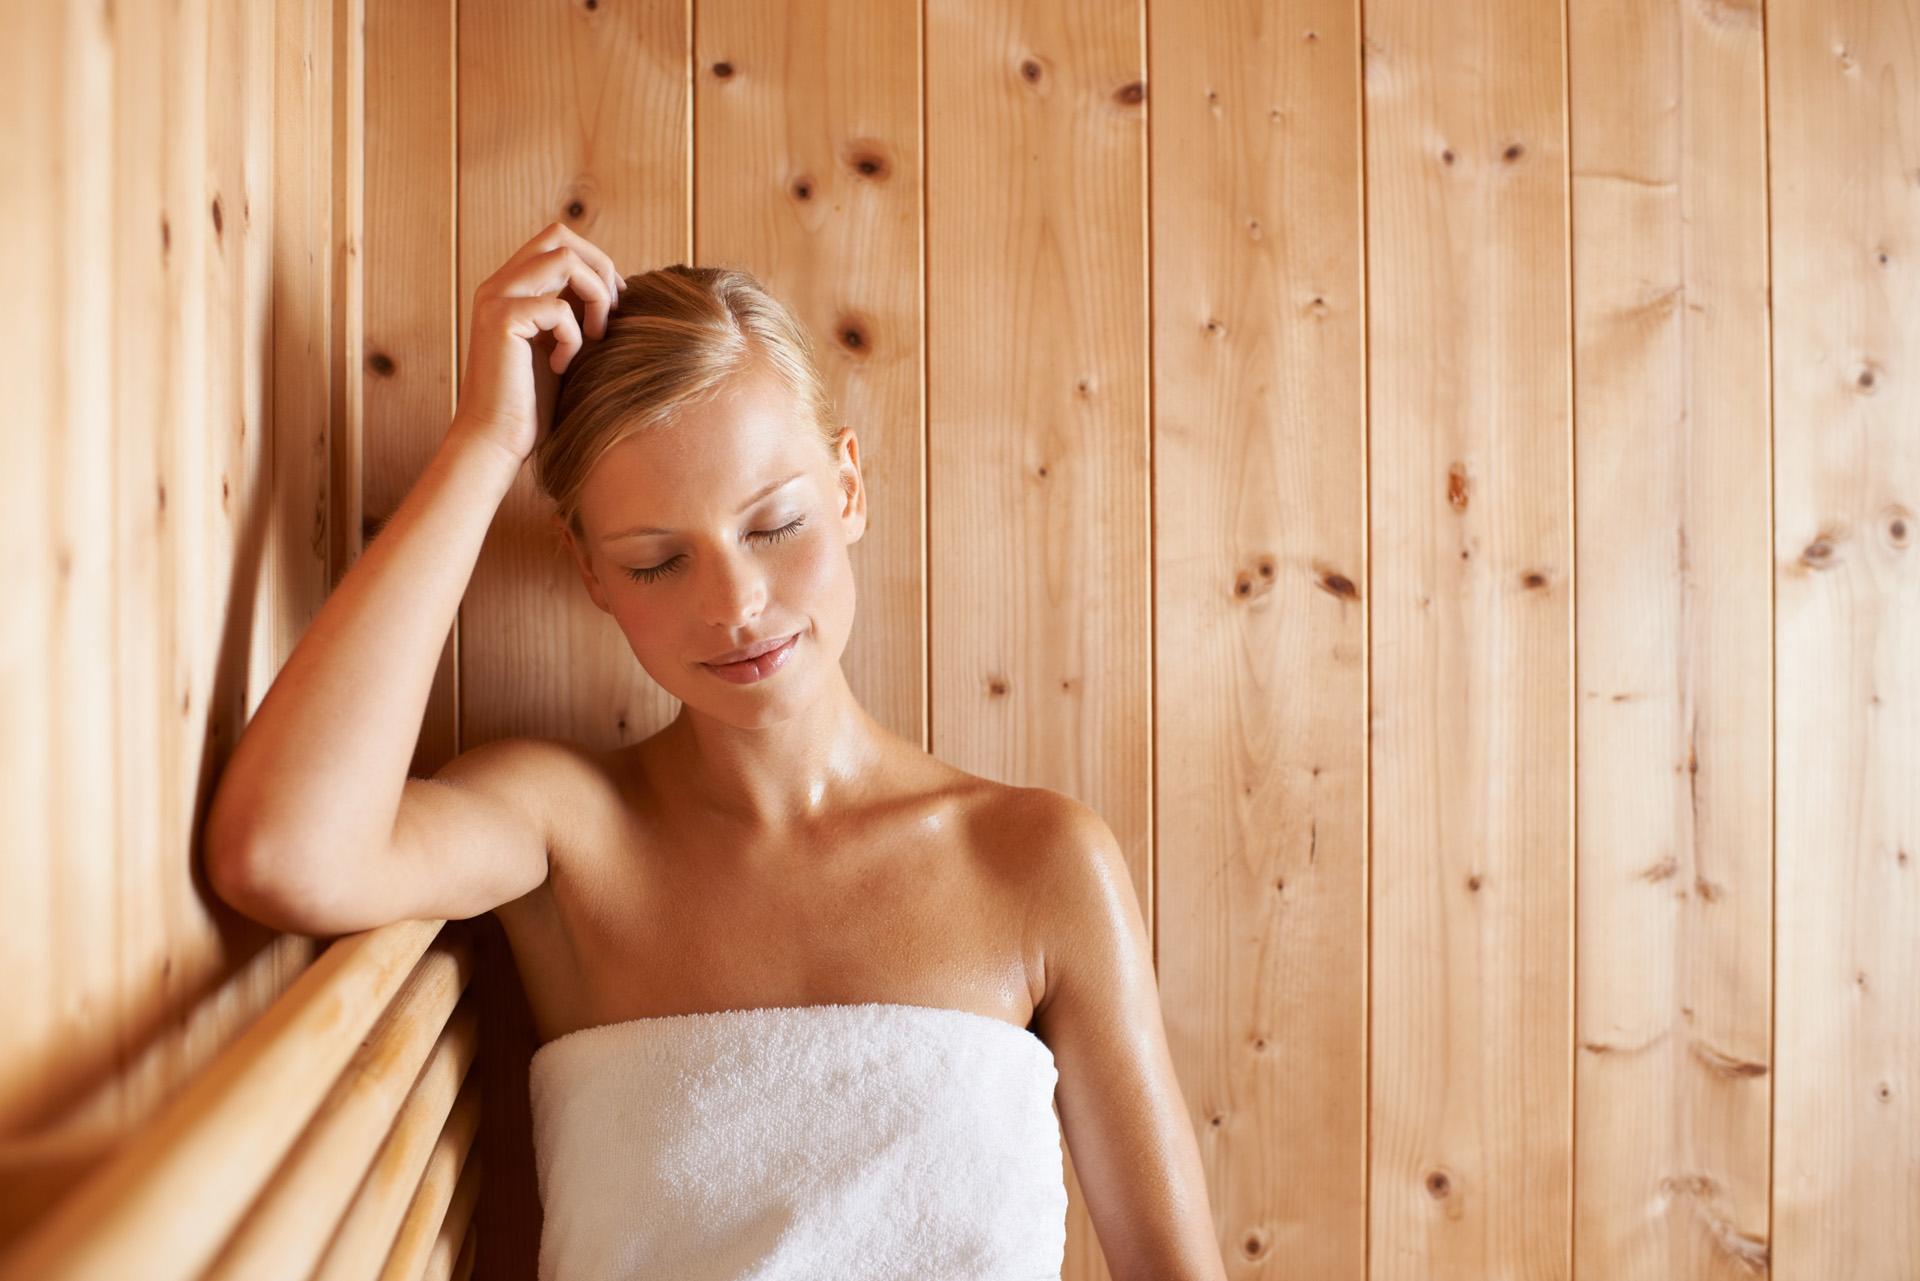 Dagje-uit-overijssel-Sauna-VakantieVeilingen